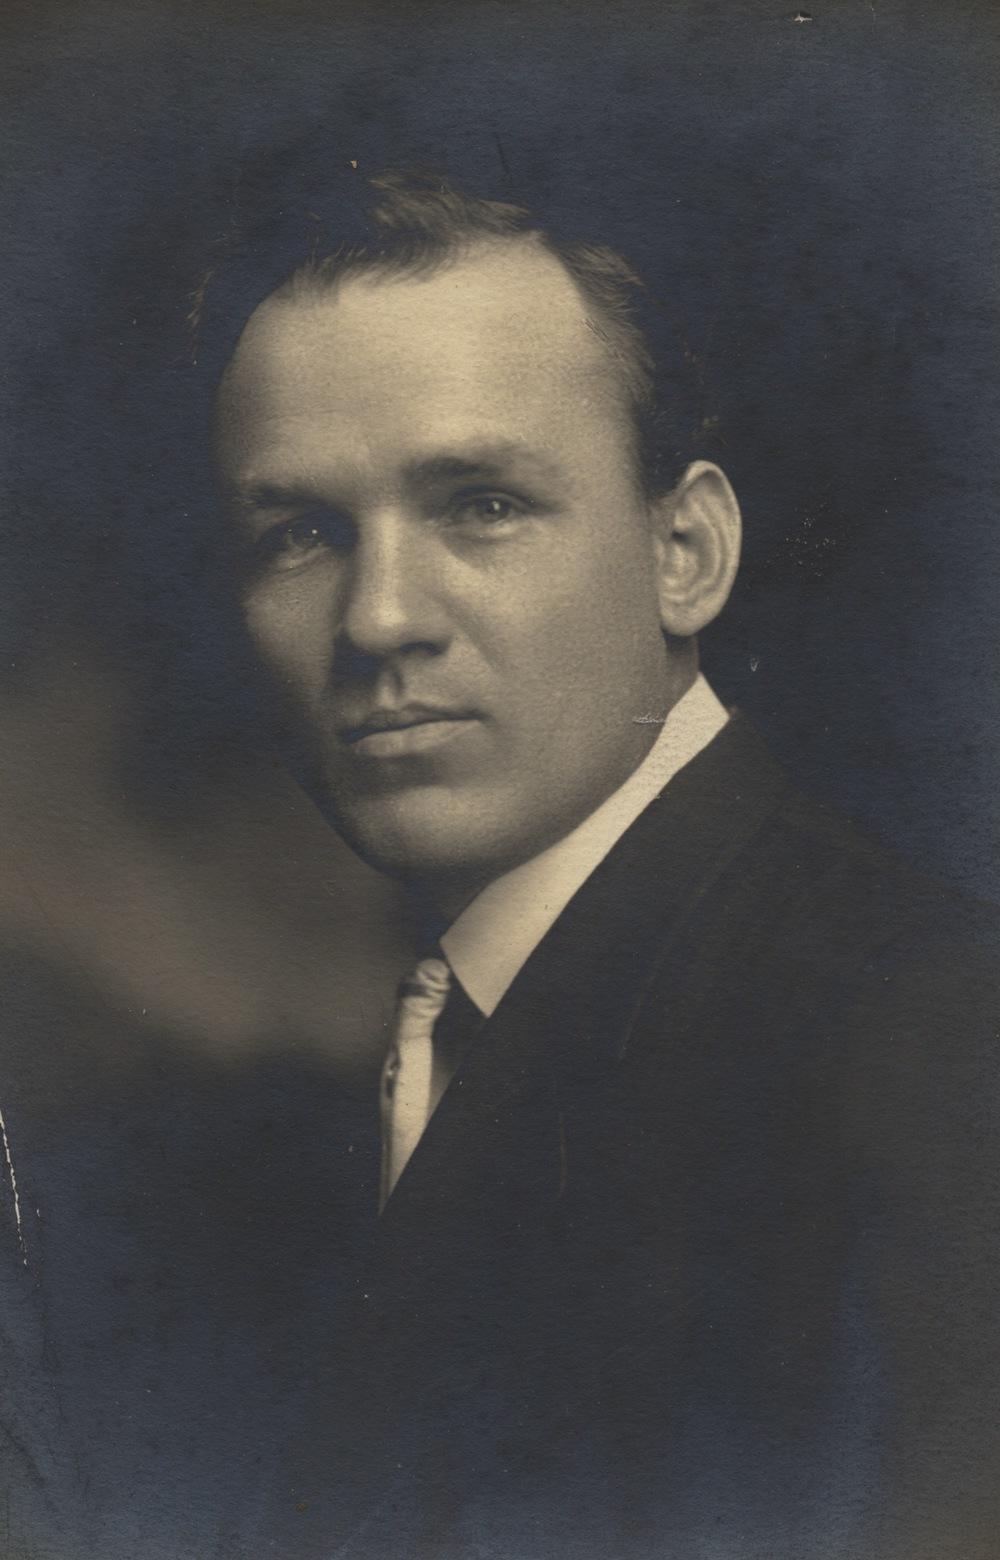 Joseph Linek Sr. Original founding member of Linekstudio